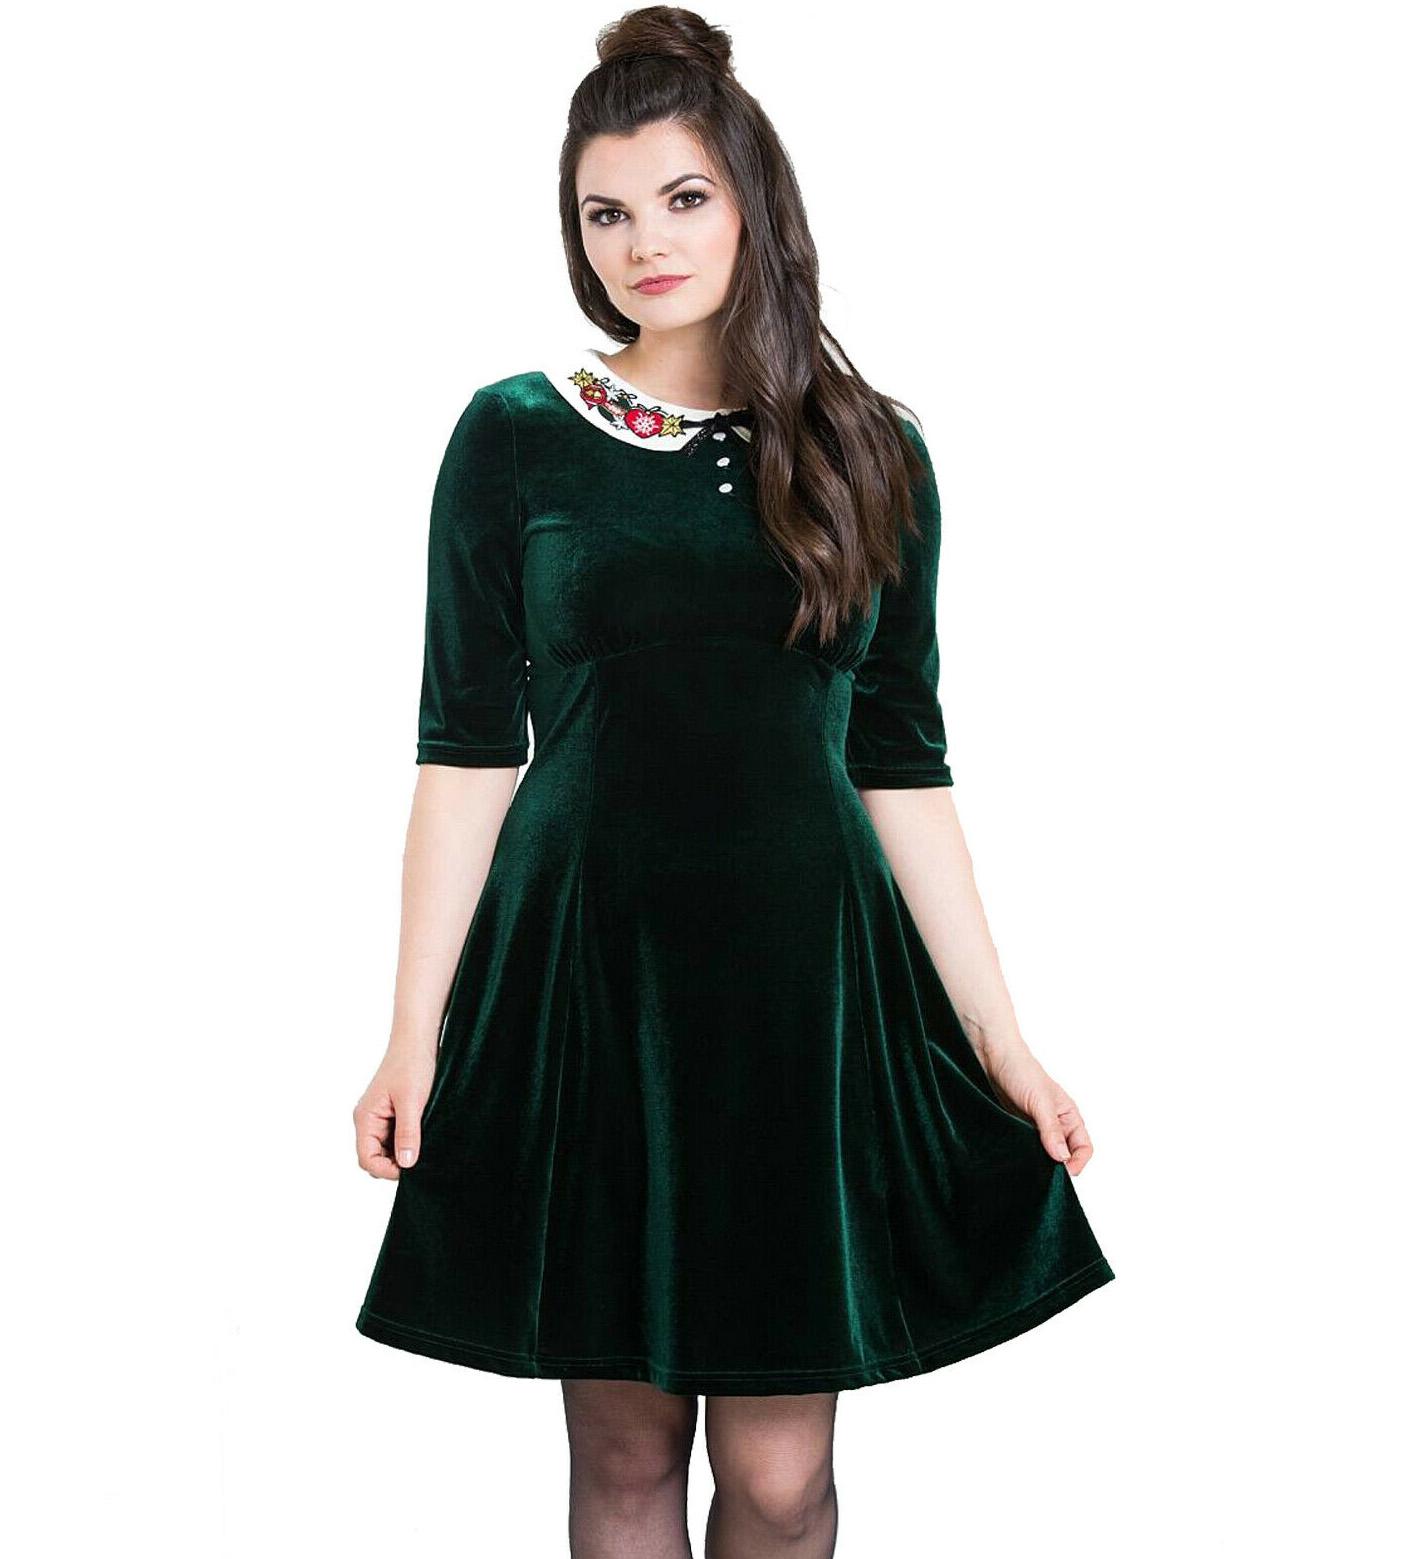 Hell-Bunny-Mini-Skater-Dress-Festive-Christmas-NICOLA-Green-Velvet-All-Sizes thumbnail 15